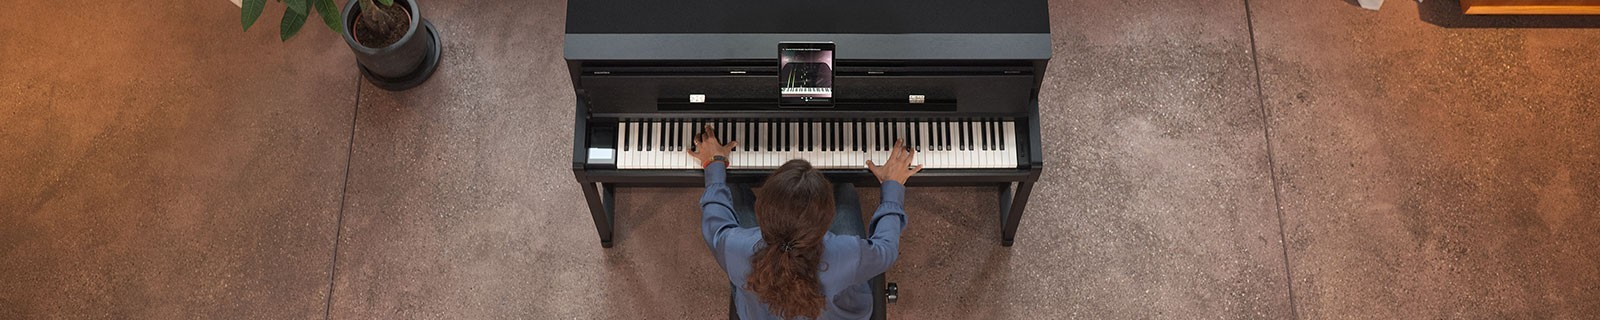 Digitális zongorák | Elektromos pianínók